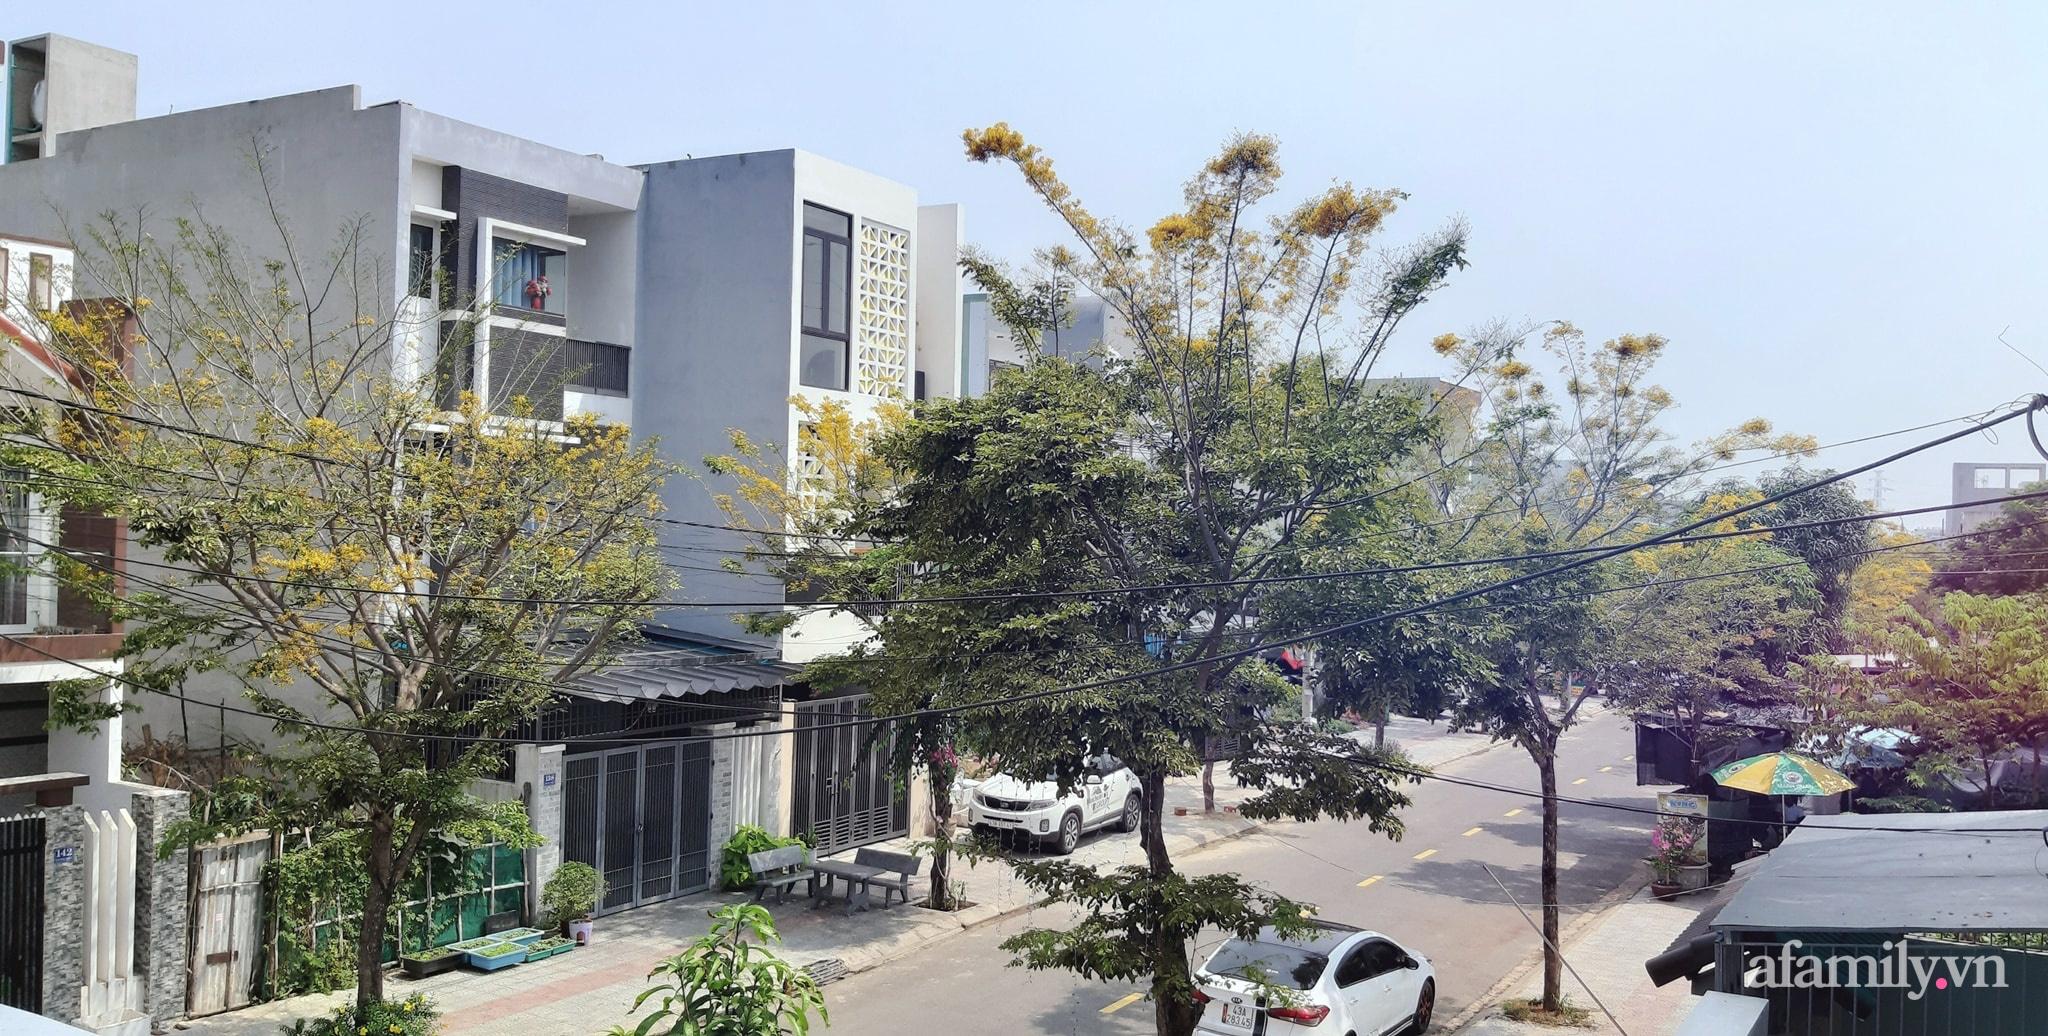 Nhà phố góc nào cũng chill nhờ phương châm cùng nhau tự trang trí của cặp vợ chồng trẻ ở Đà Nẵng - Ảnh 1.